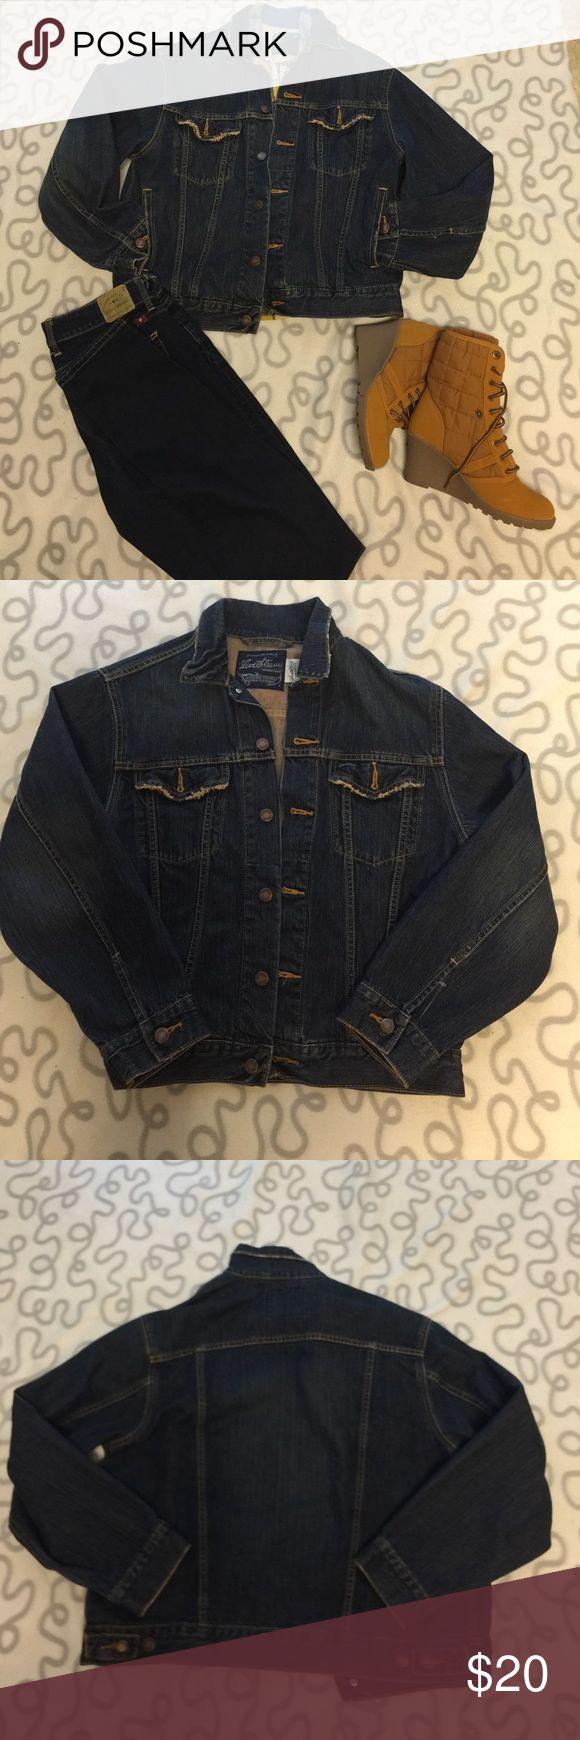 Levis Strauss Jean Jacket Levis Strauss Jean Jacket Signature by Levi Strauss Jackets & Coats Jean Jackets